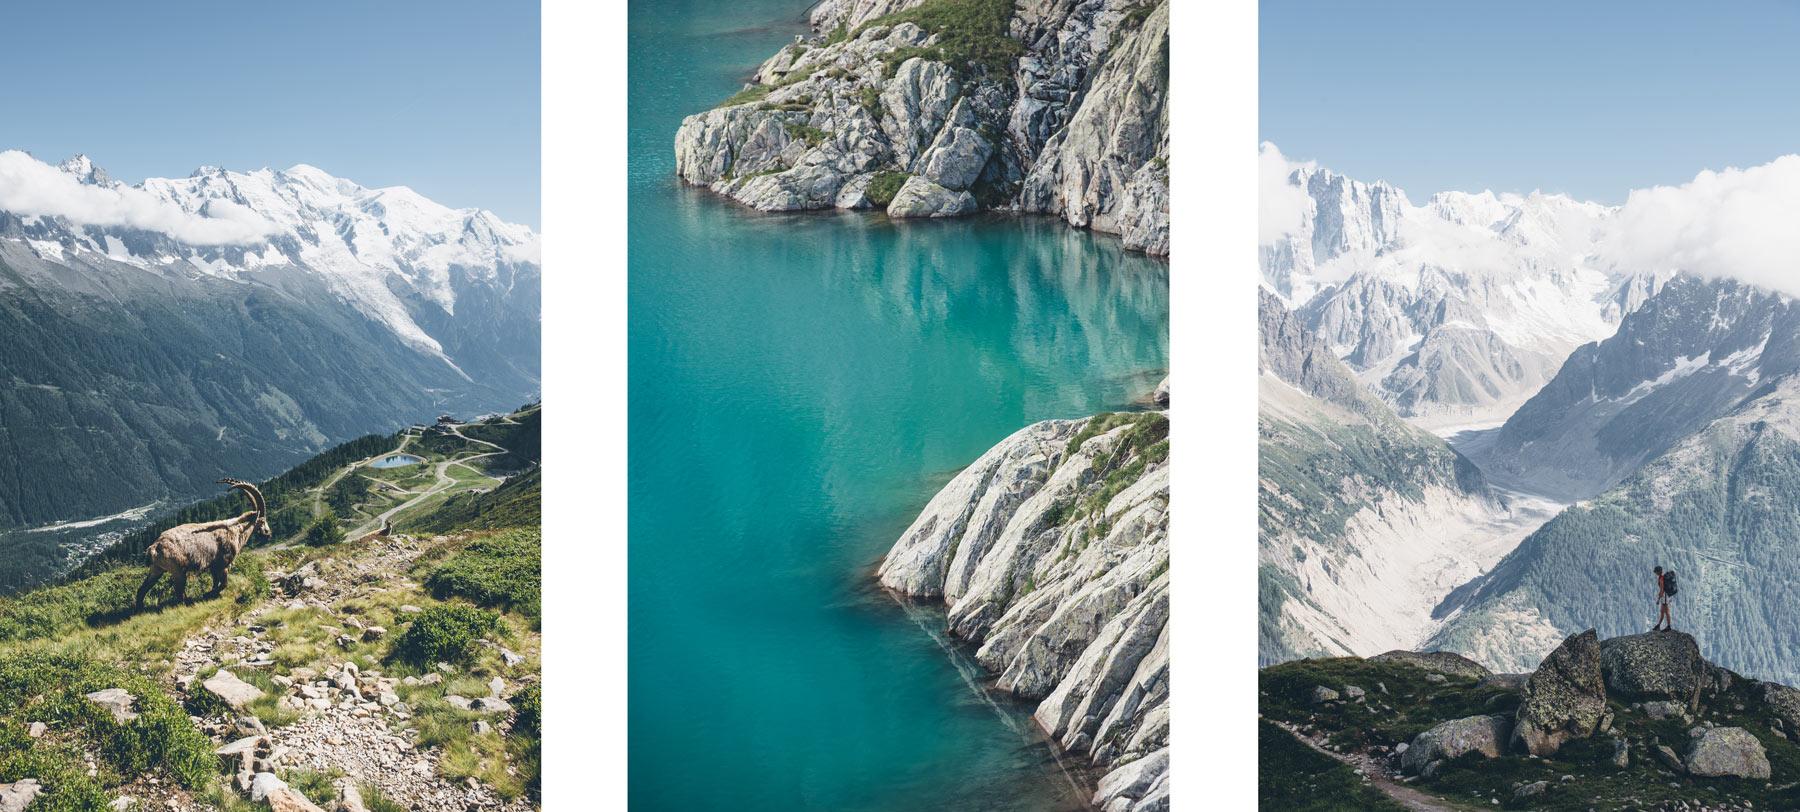 Randonnée du Lac Blanc, Chamonix